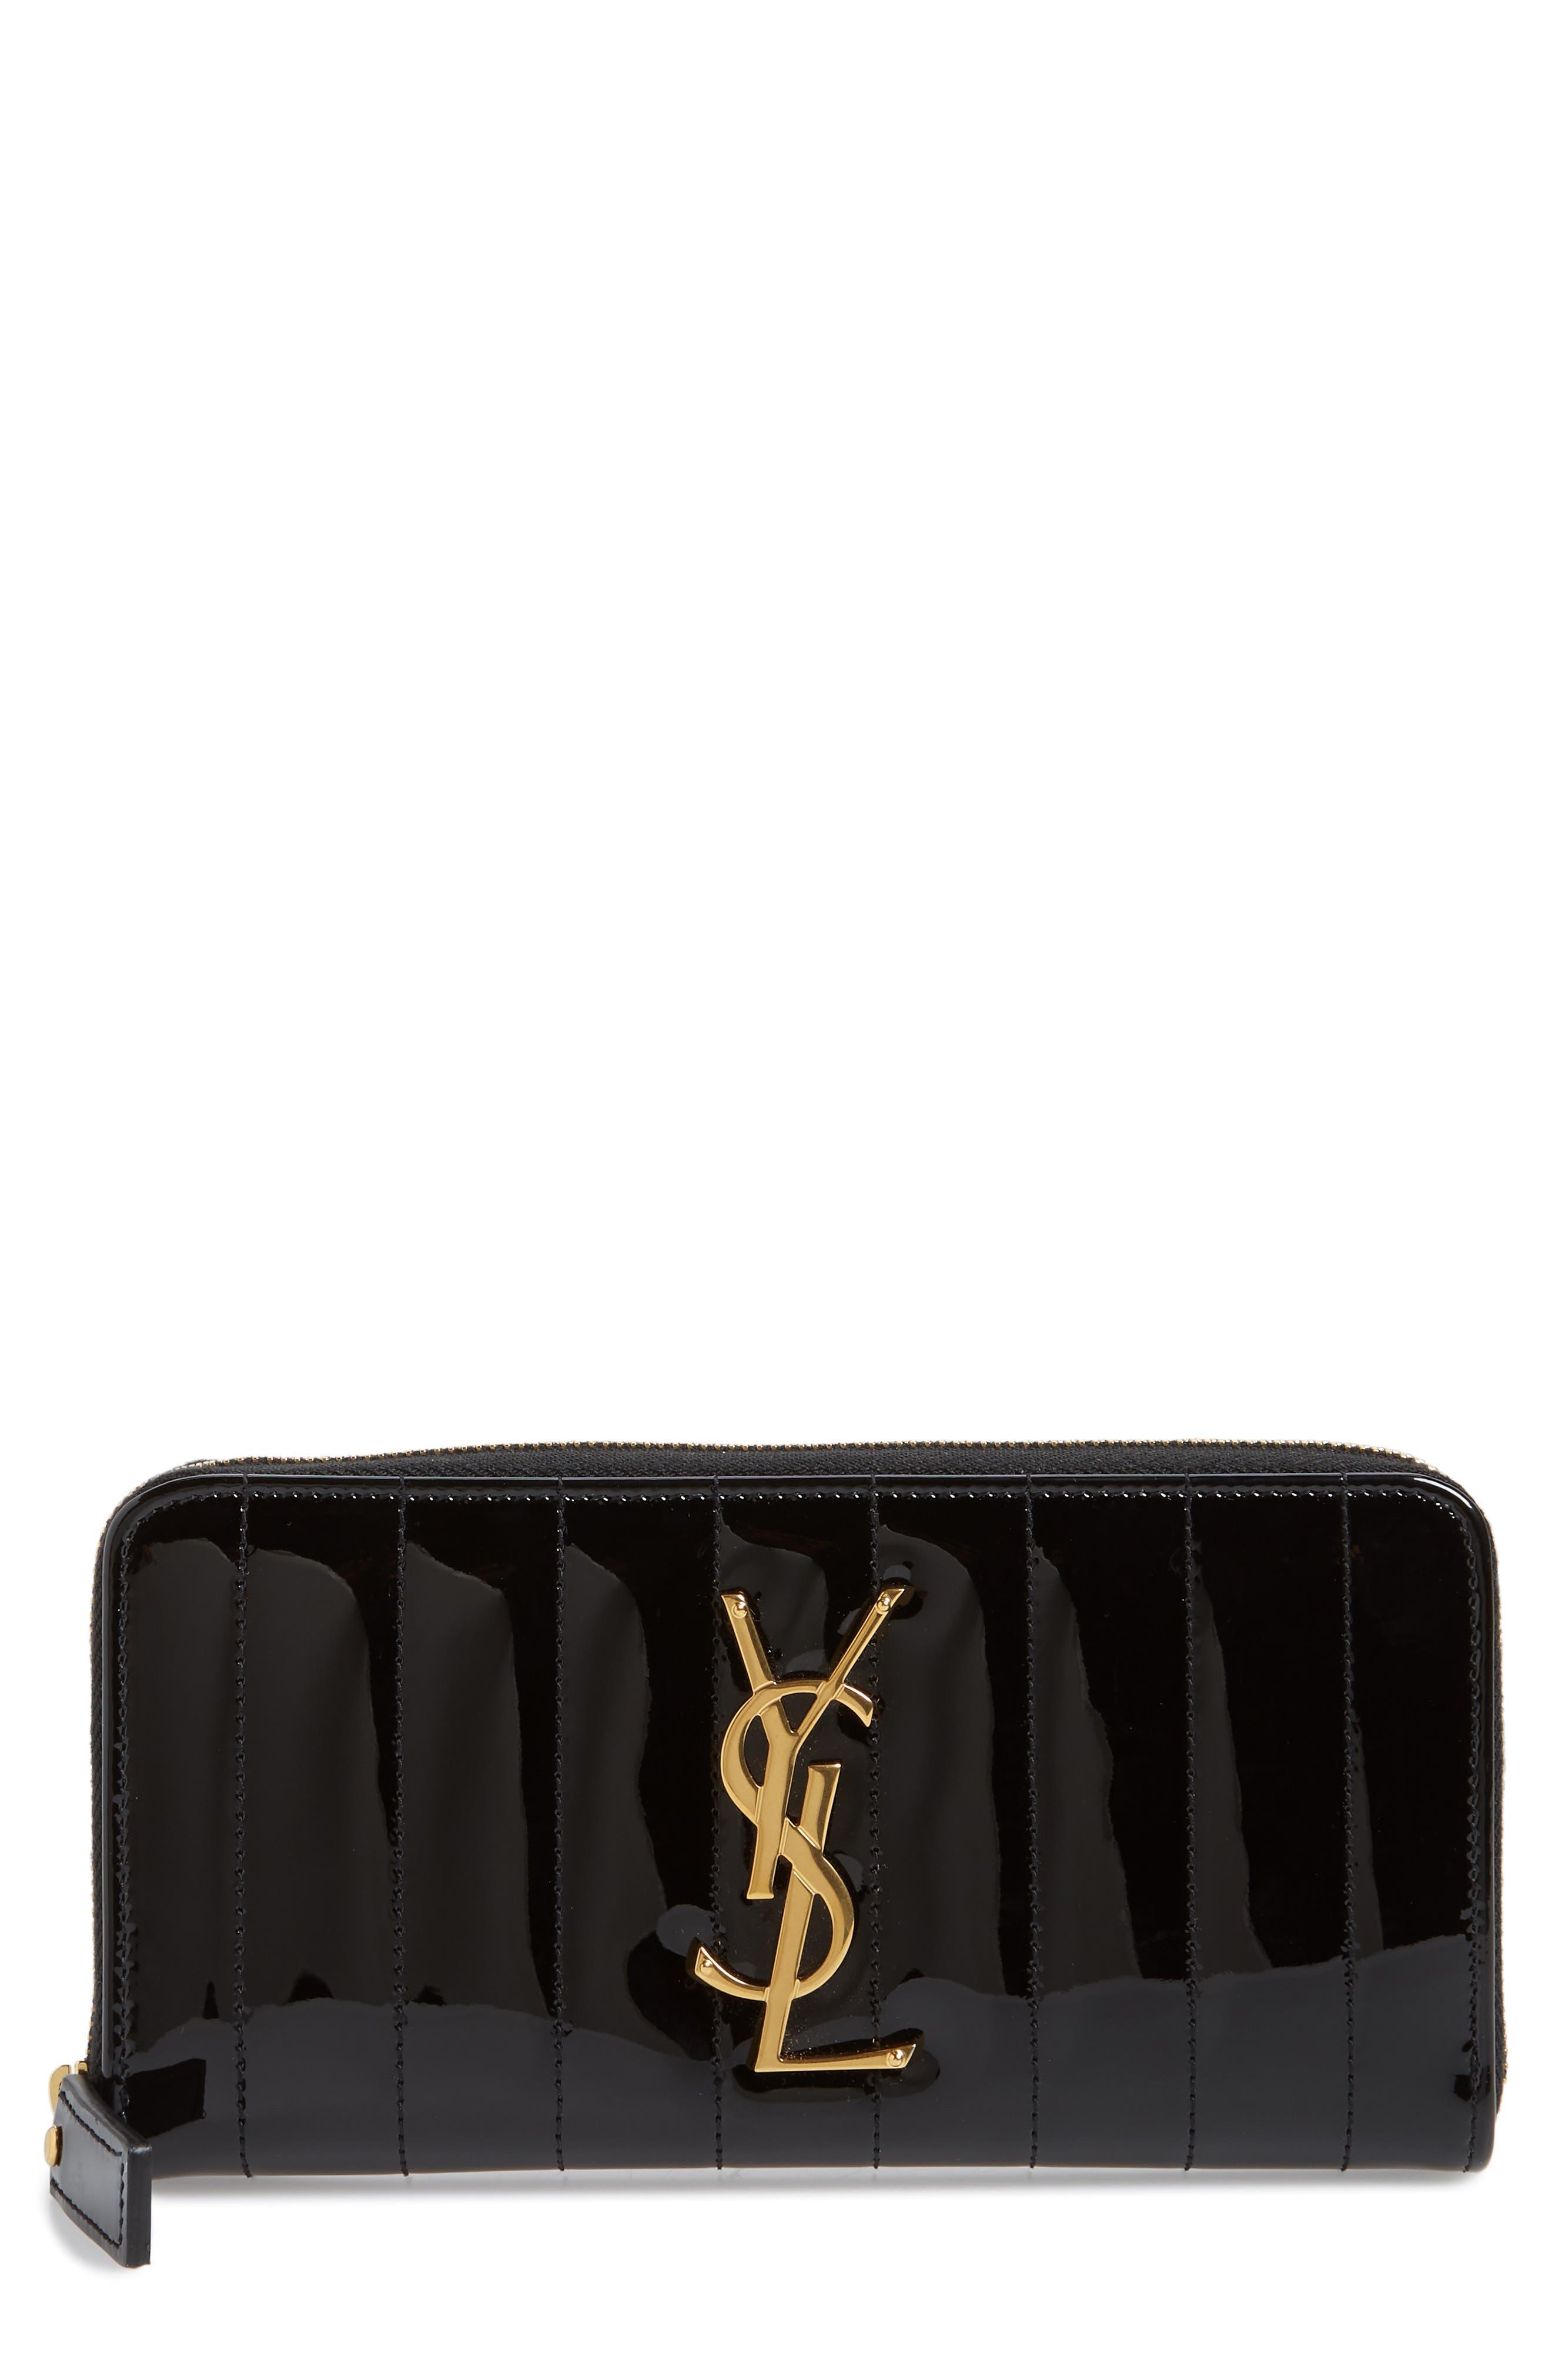 SAINT LAURENT,                             Vicky Patent Leather Zip Around Wallet,                             Main thumbnail 1, color,                             NOIR